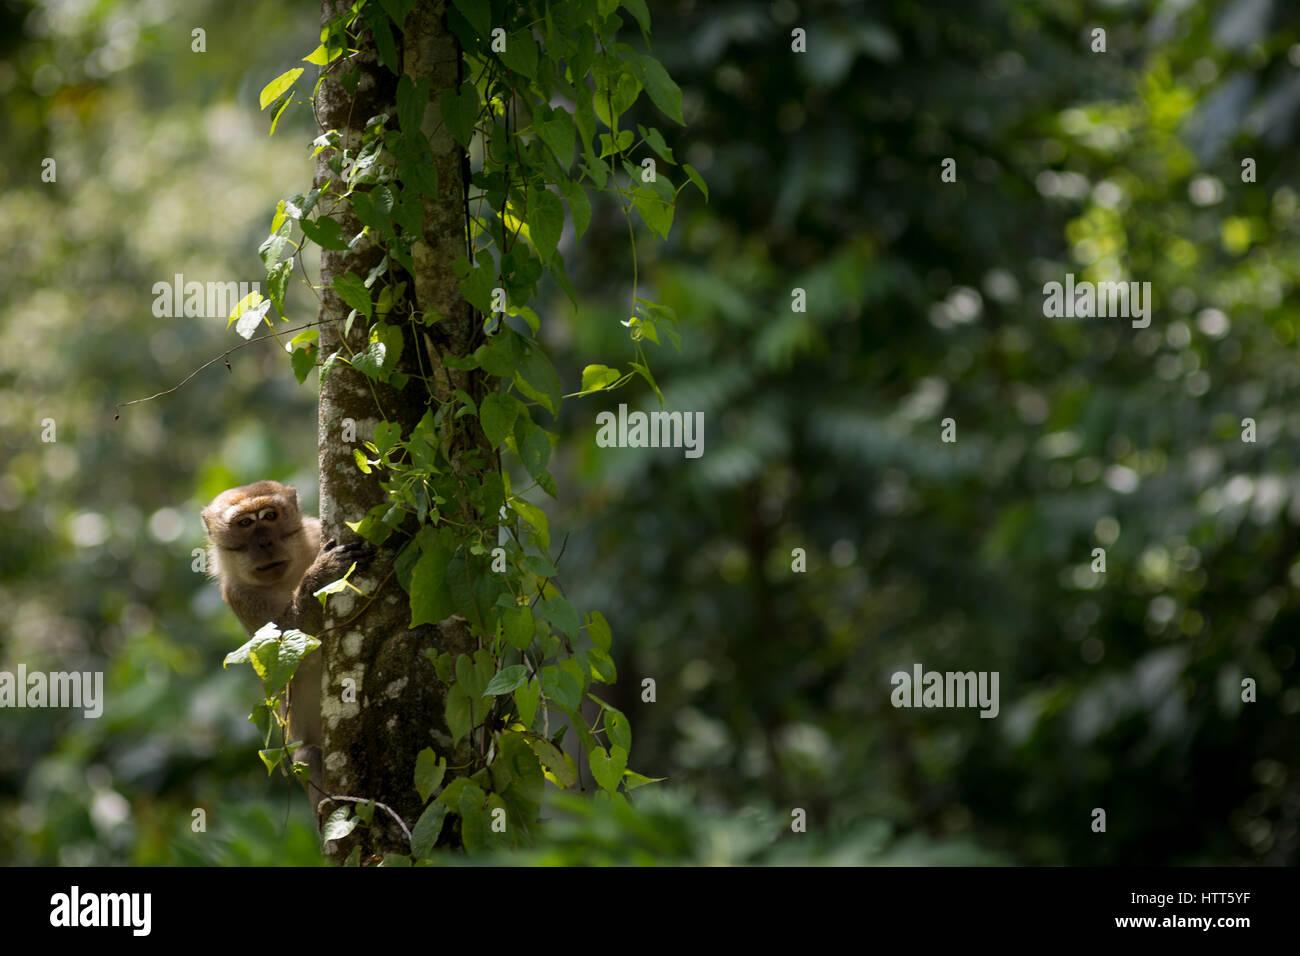 Scimmia macaco si guarda intorno un tronco di albero è arrampicata. Immagini Stock